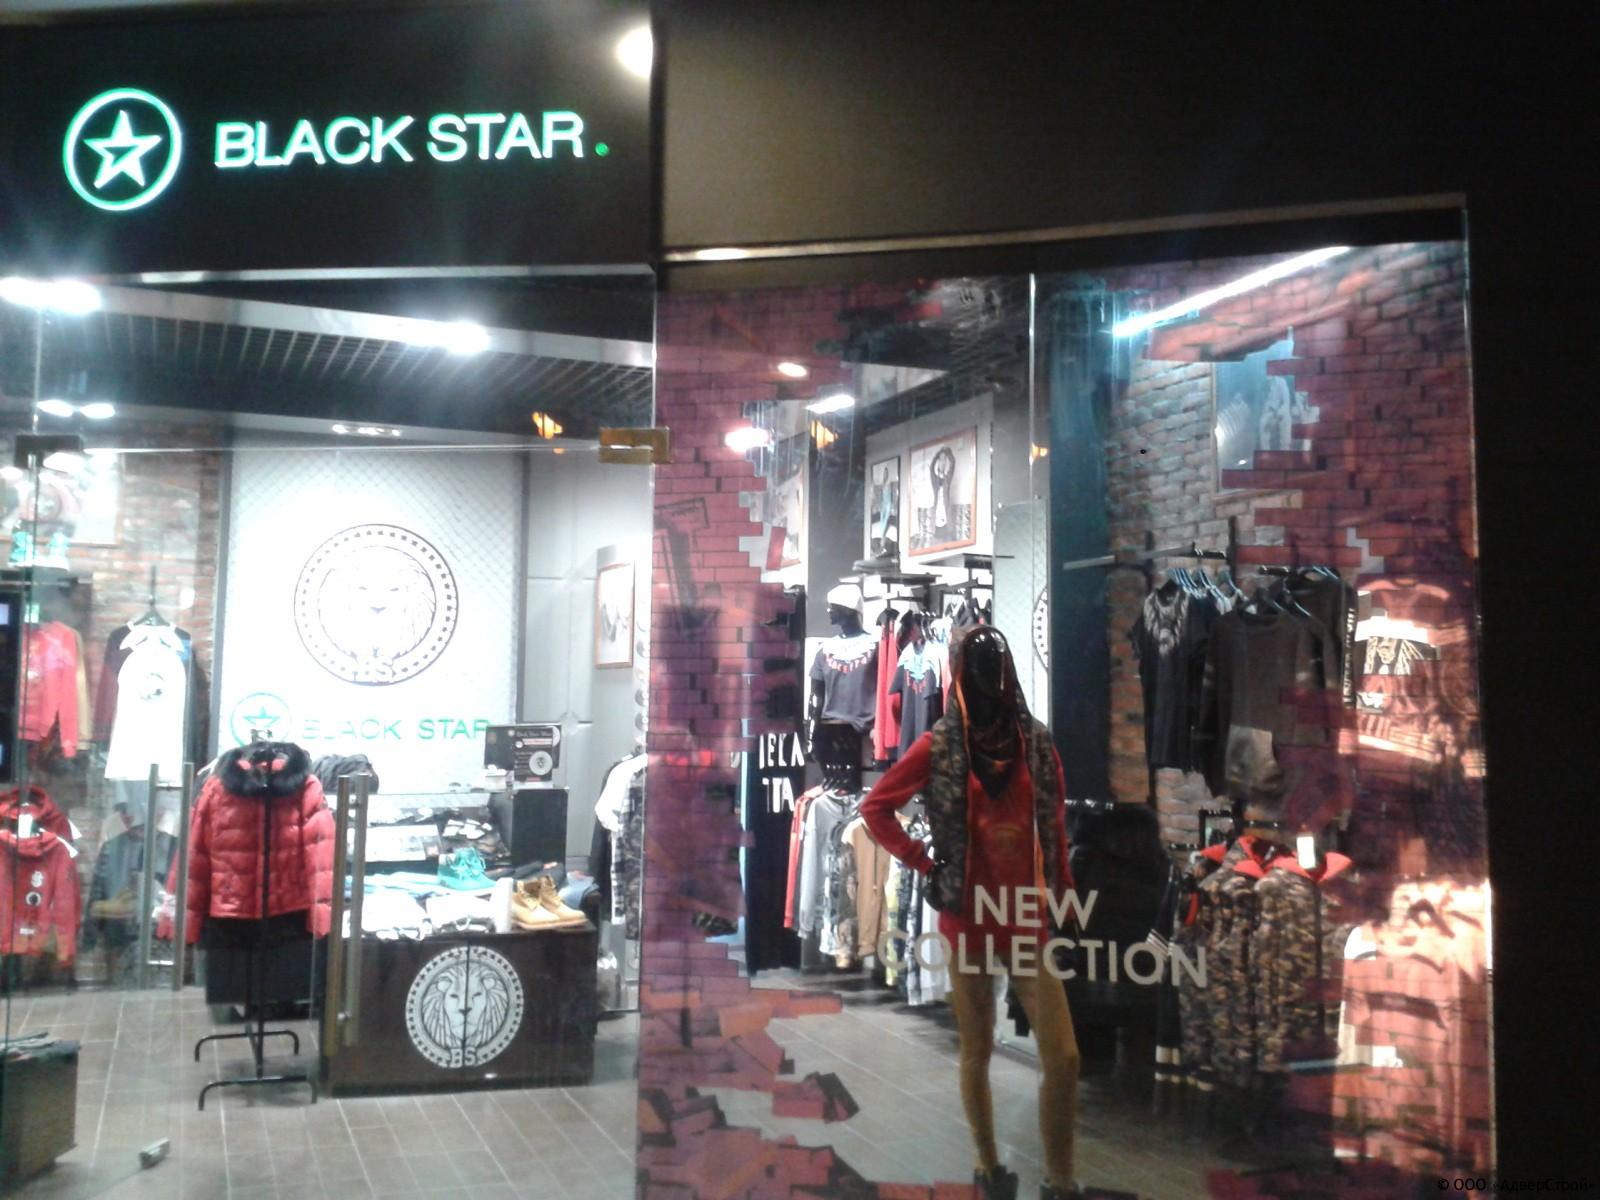 оформление витрины Black Star